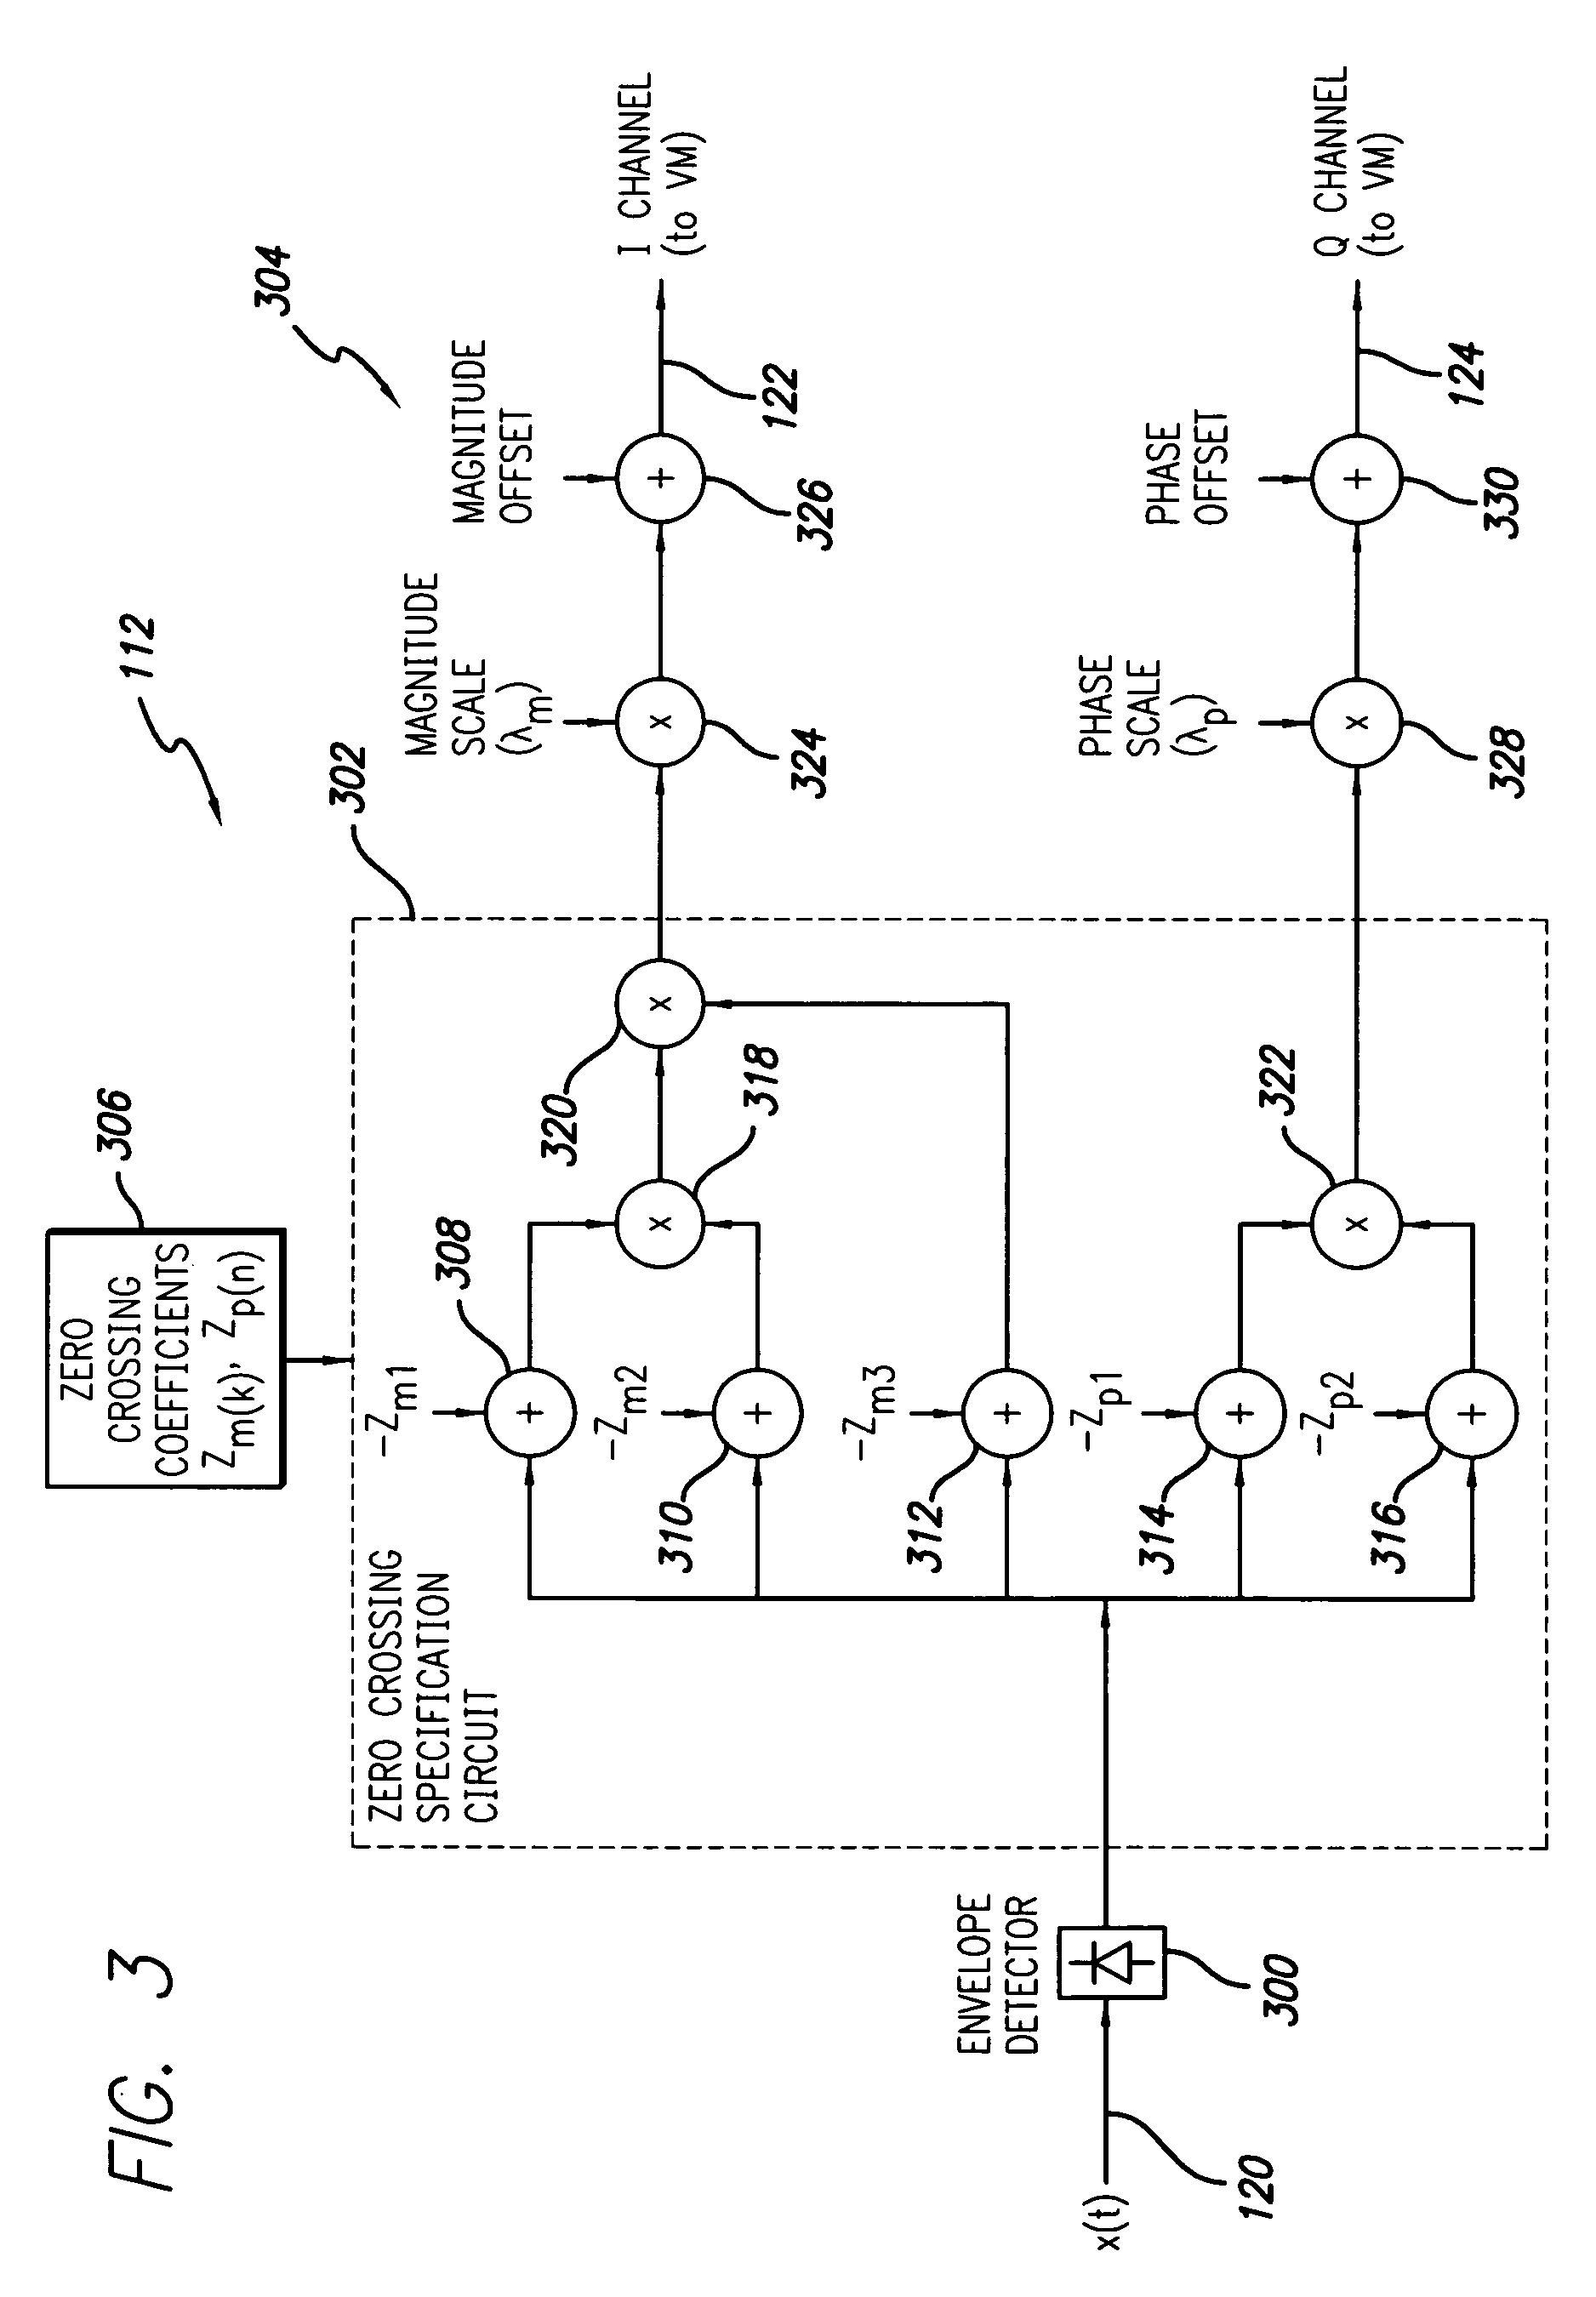 patent us7193462